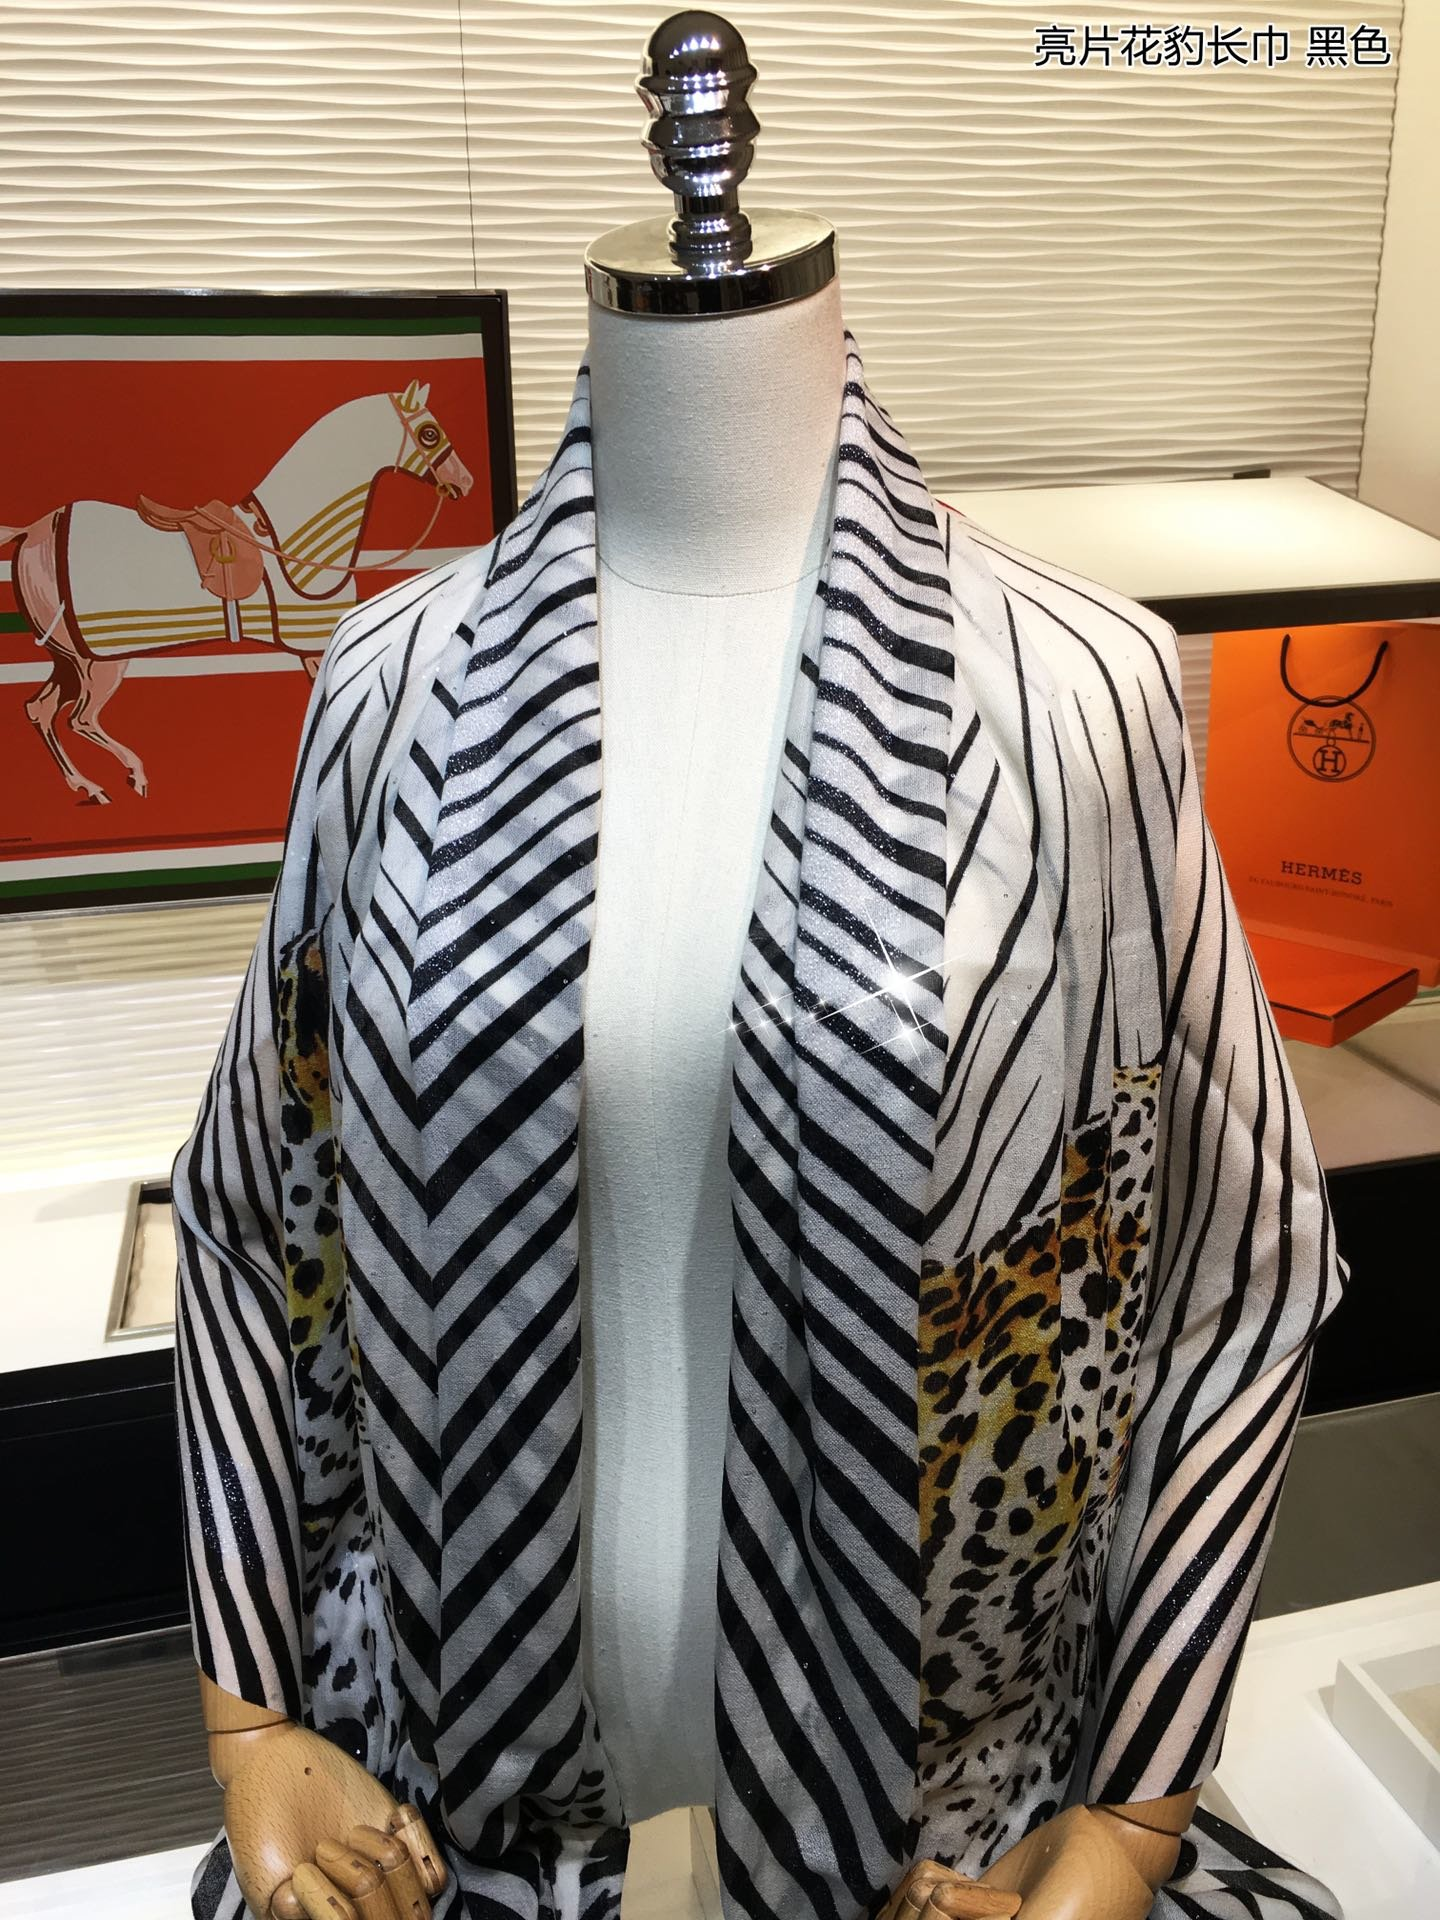 上新会发光发亮的围巾H家新款客供珠片